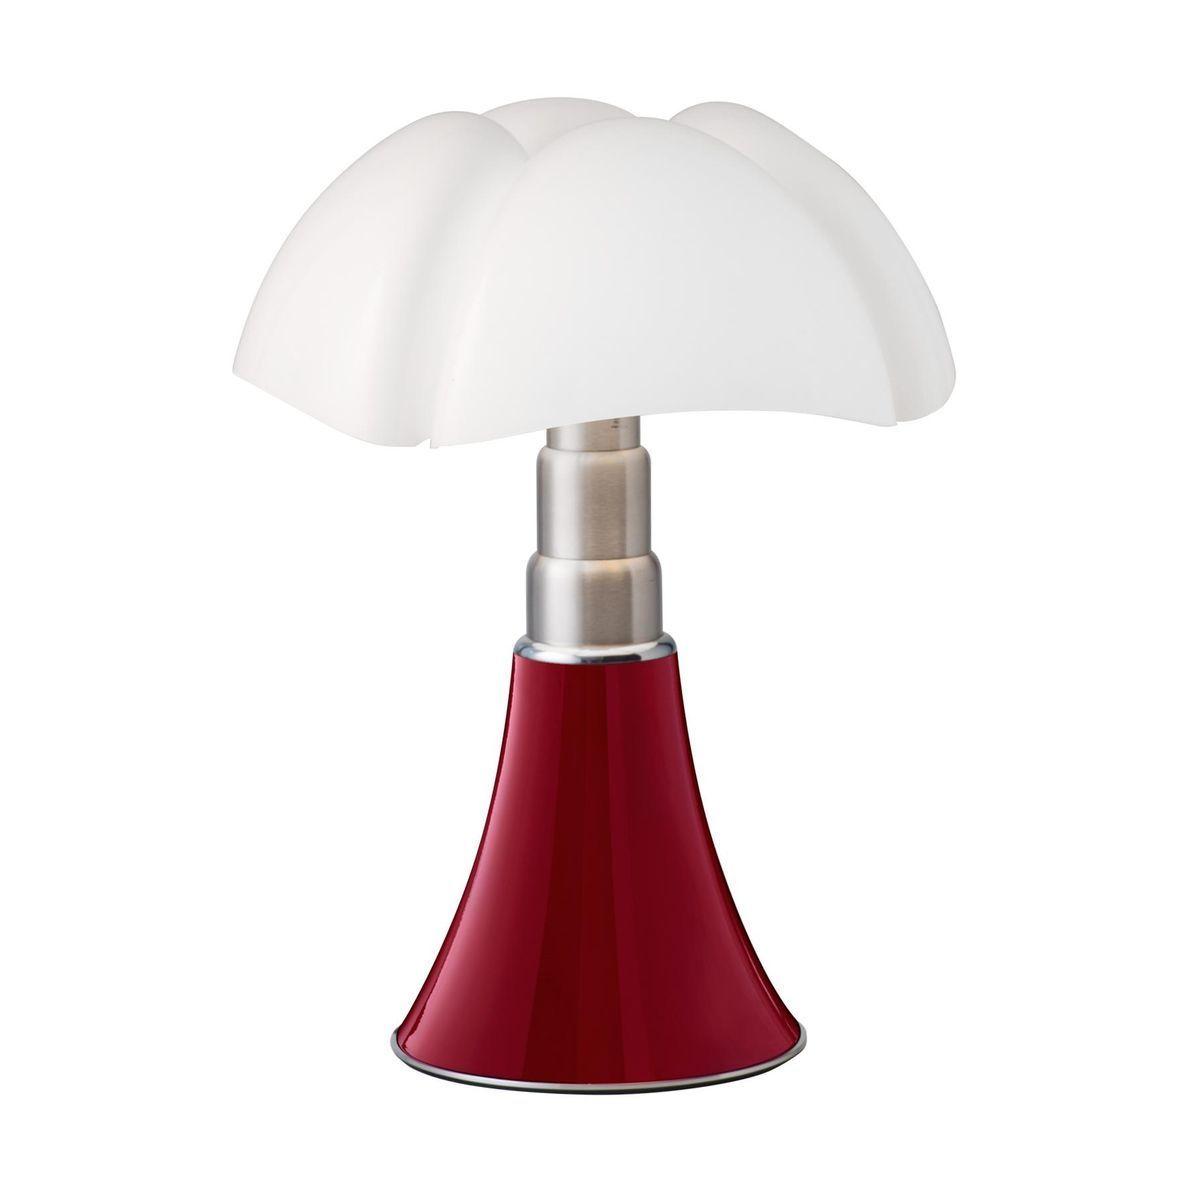 Souvent Pipistrello Table Lamp | Martinelli Luce | AmbienteDirect.com HT73